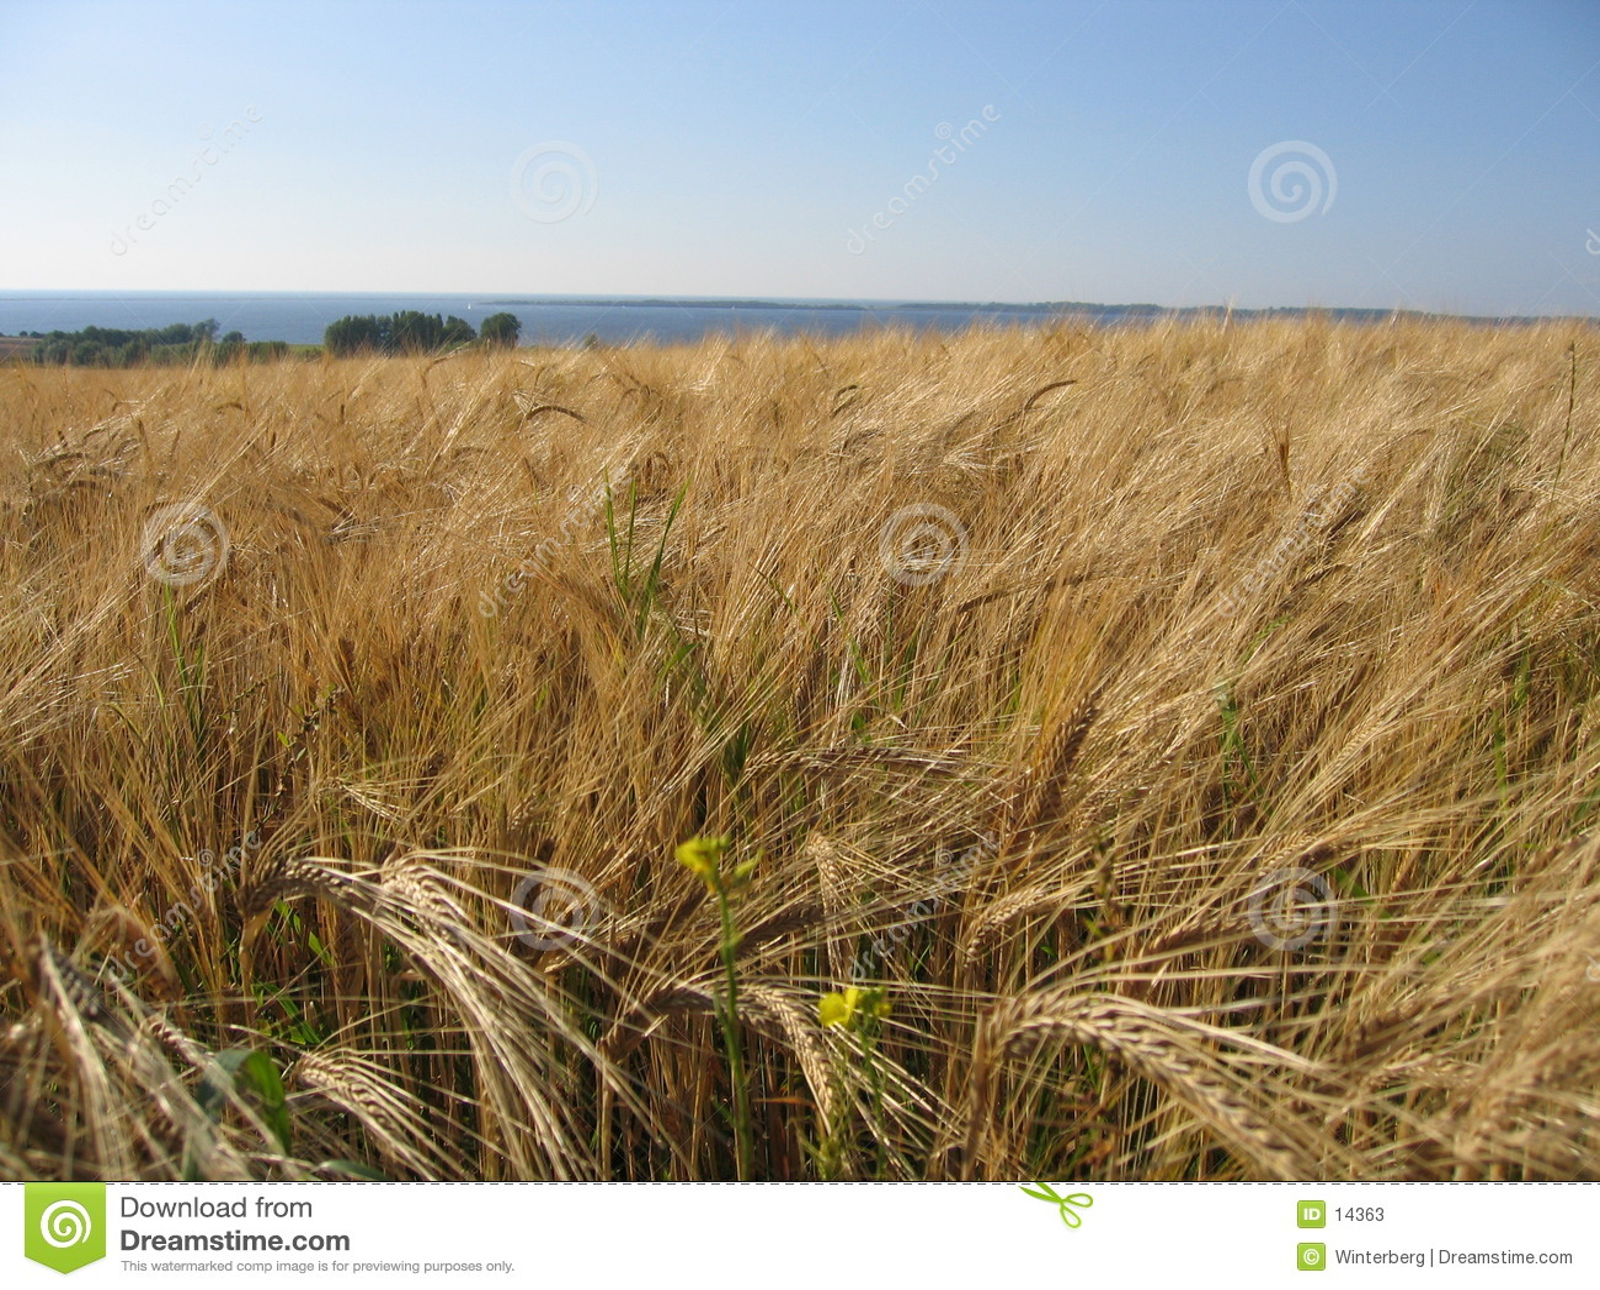 Wheat cornfield